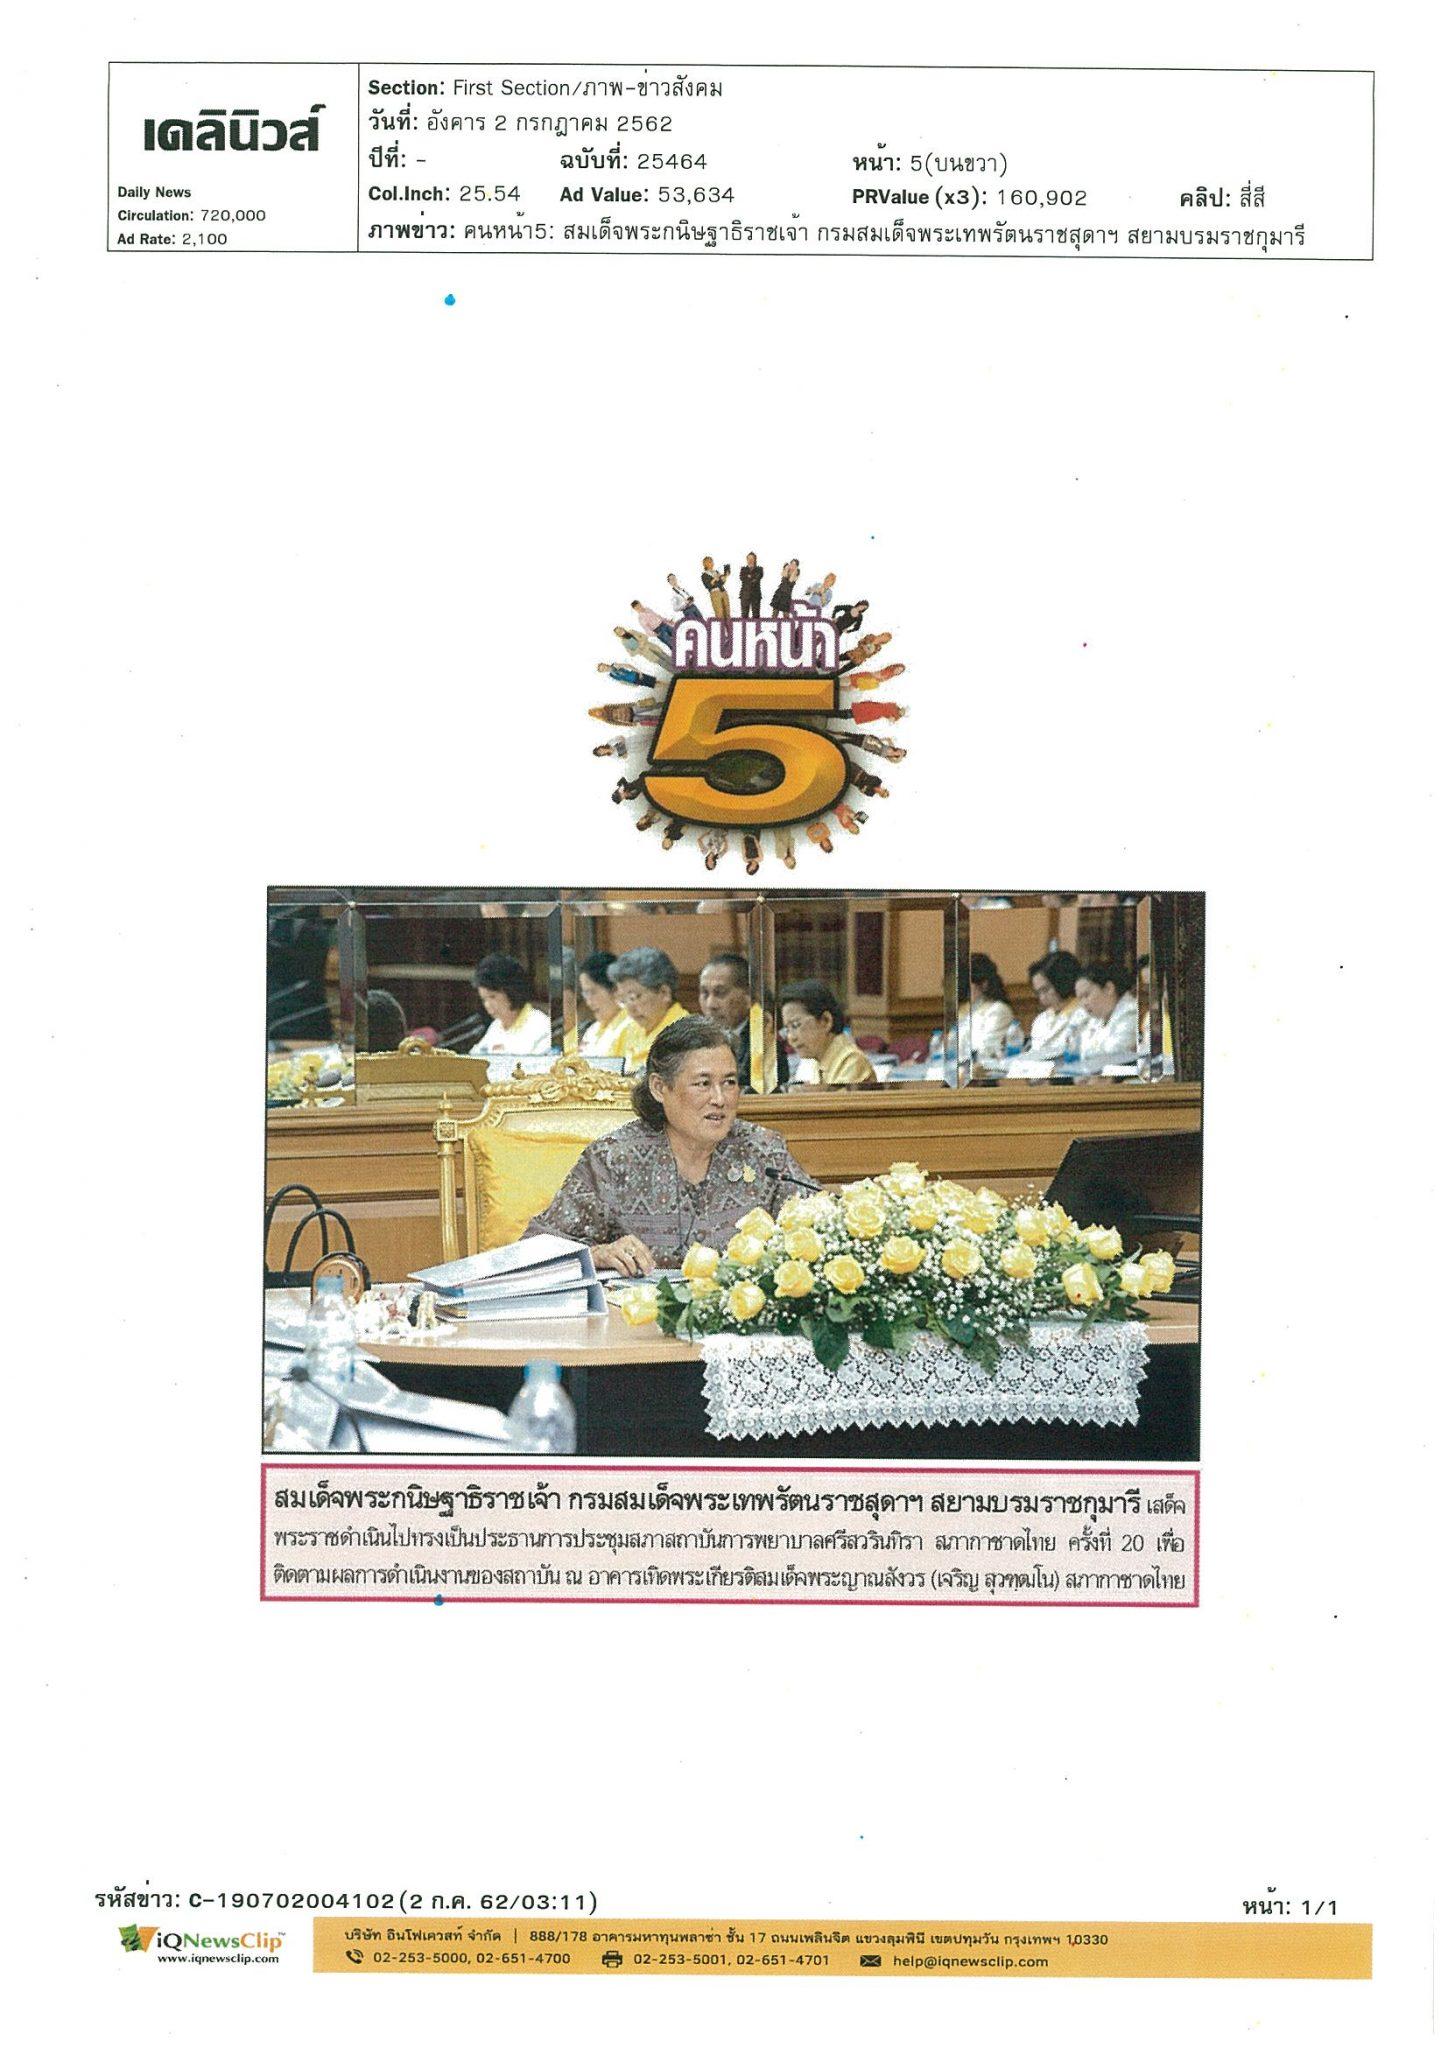 ประชุมสภาสถาบันการพยาบาลศรีสวรินทิรา สภากาชาดไทย ครั้งที่ 20